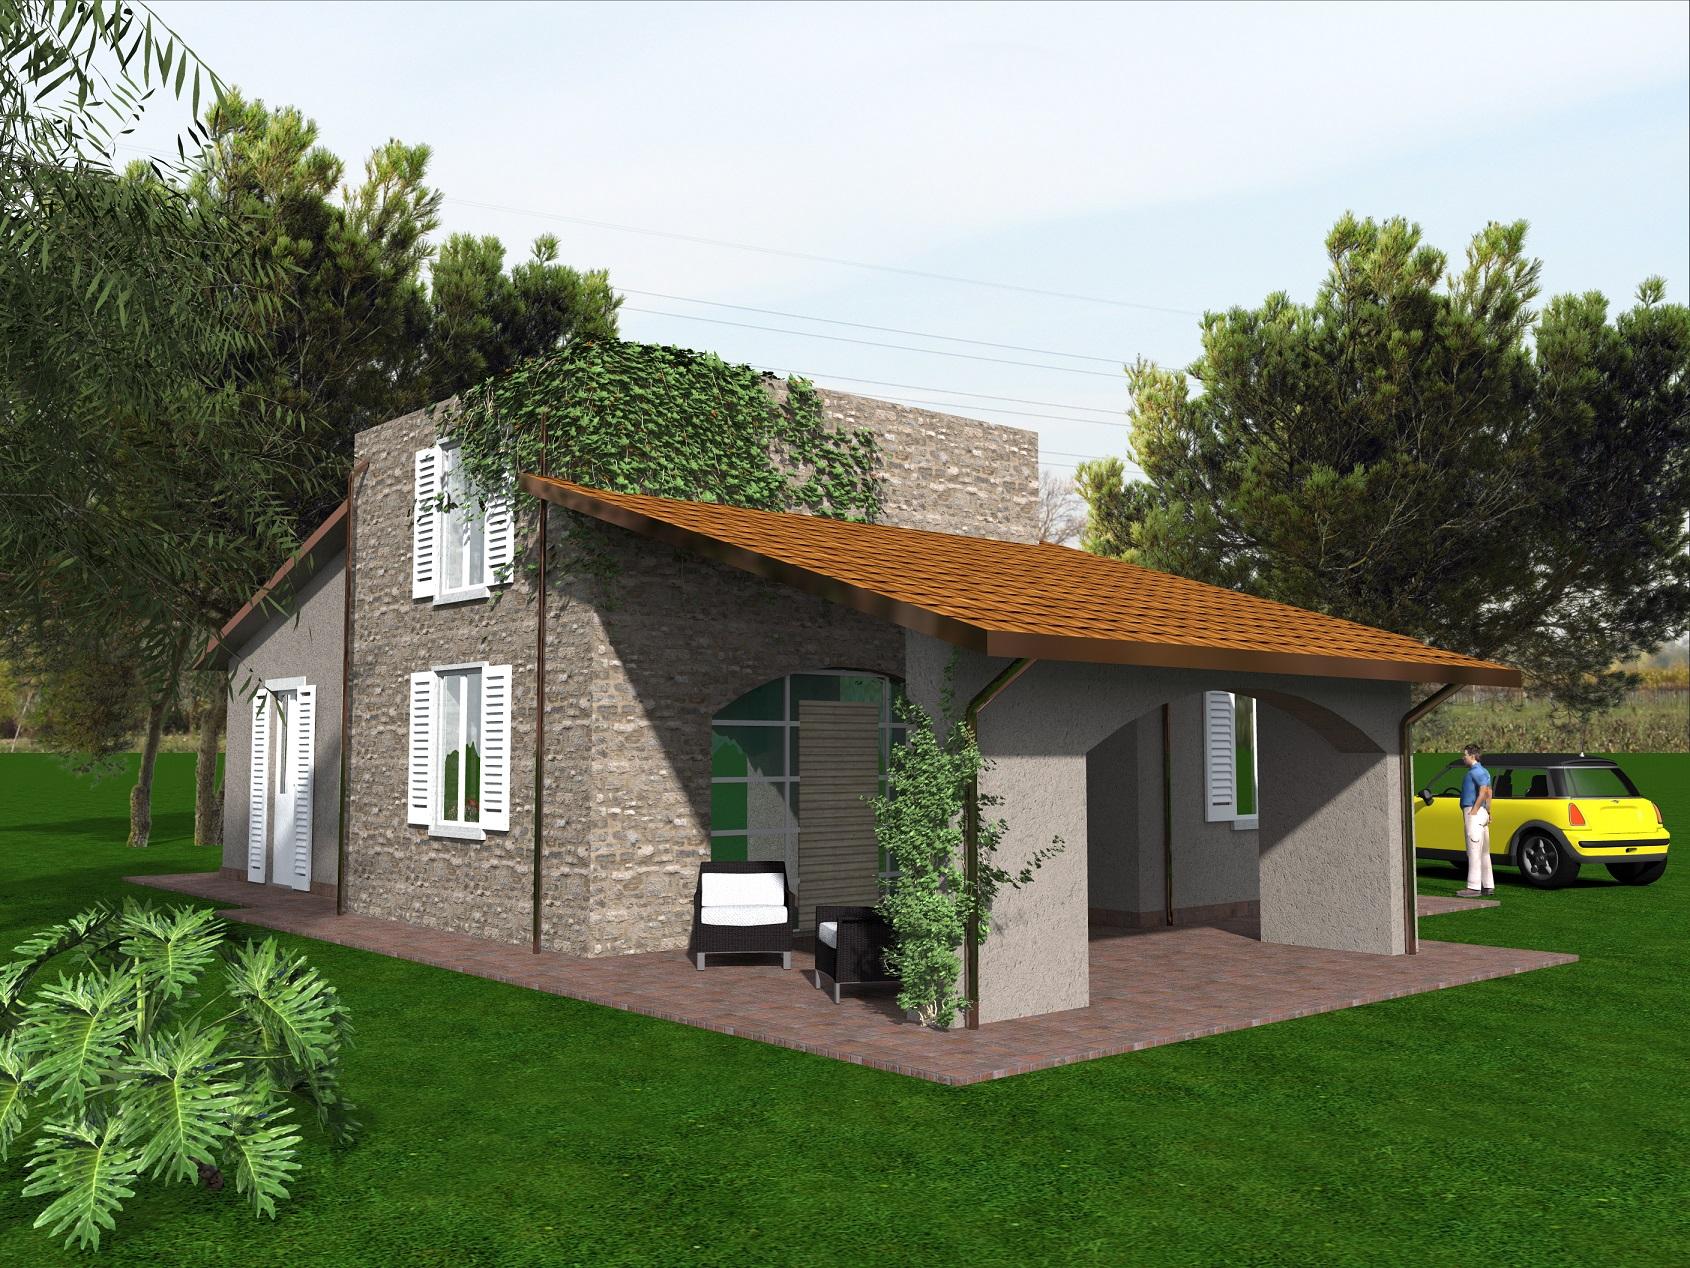 Terreno Edificabile Residenziale in vendita a Capannori, 9999 locali, zona Zona: Lunata, prezzo € 80.000 | Cambio Casa.it